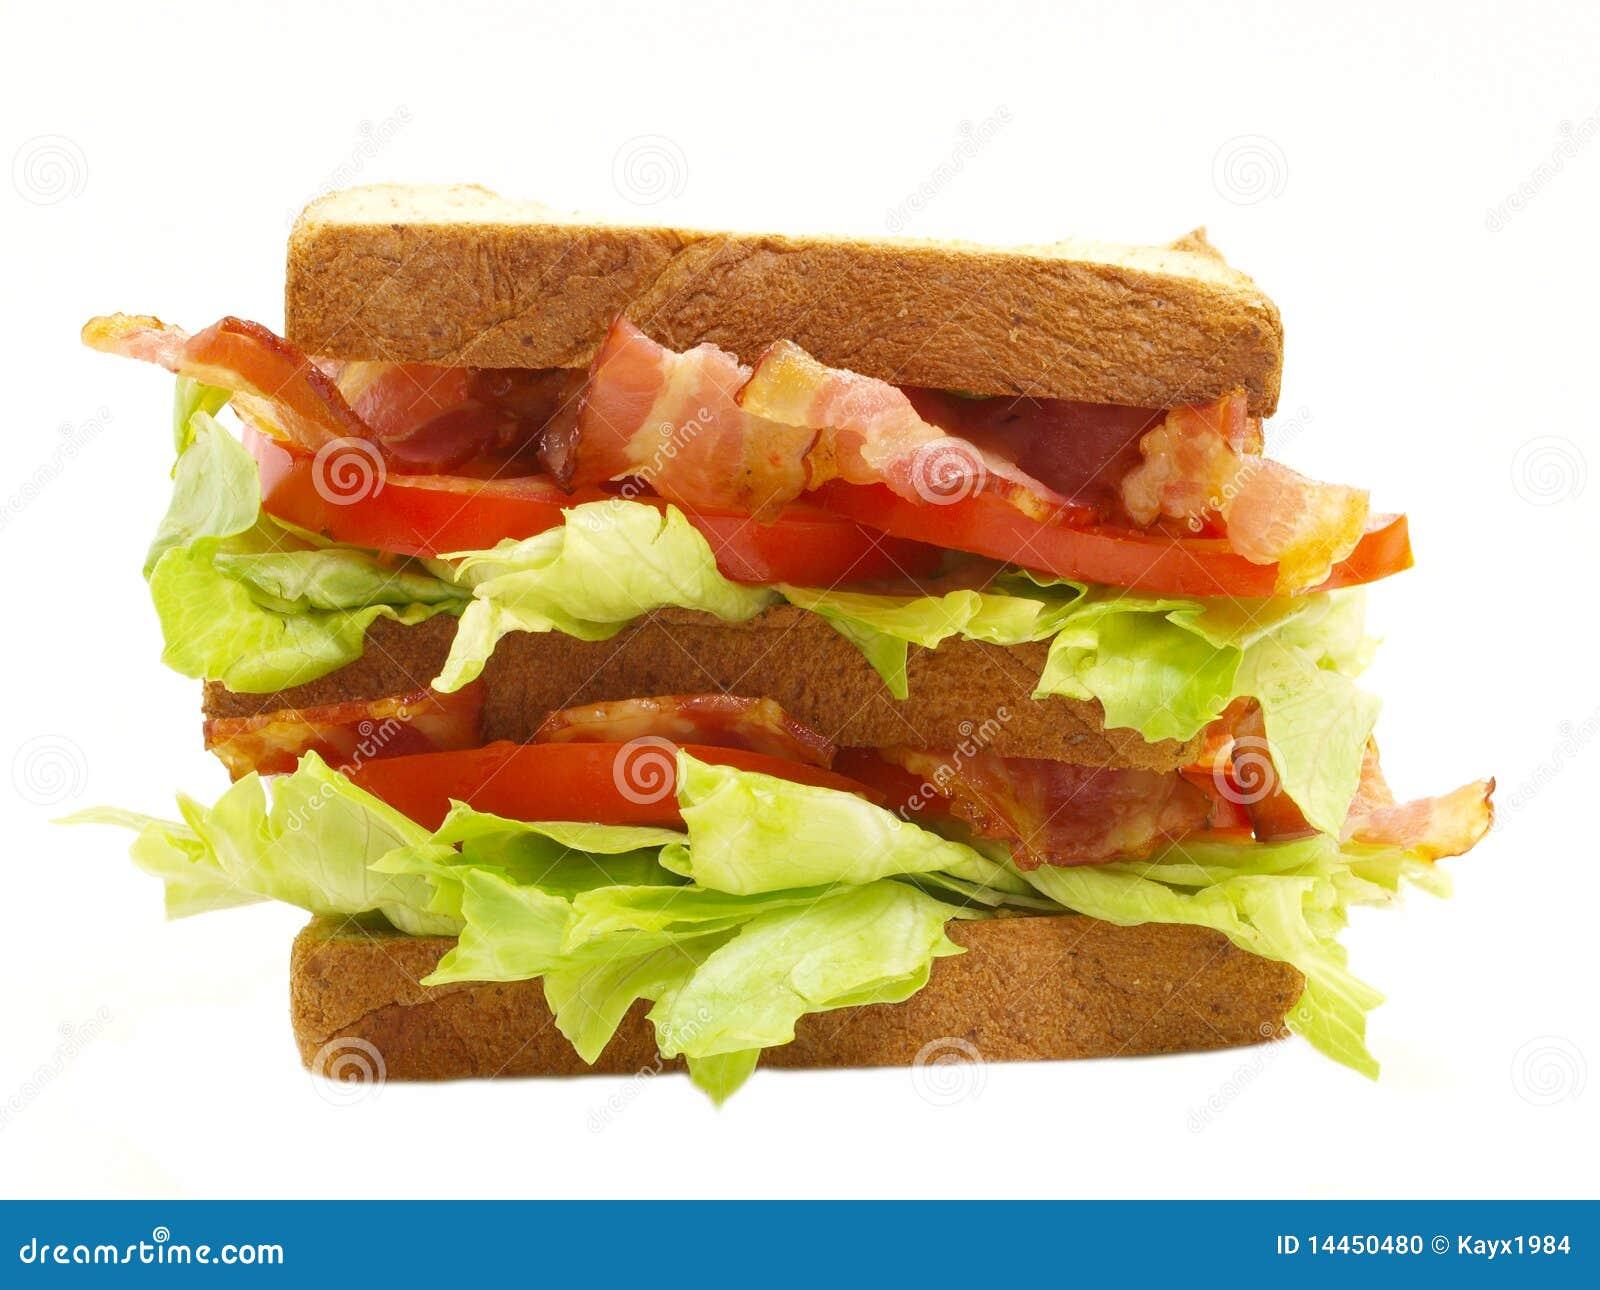 Double Blt Sandwich Stock Photo - Image: 14450480